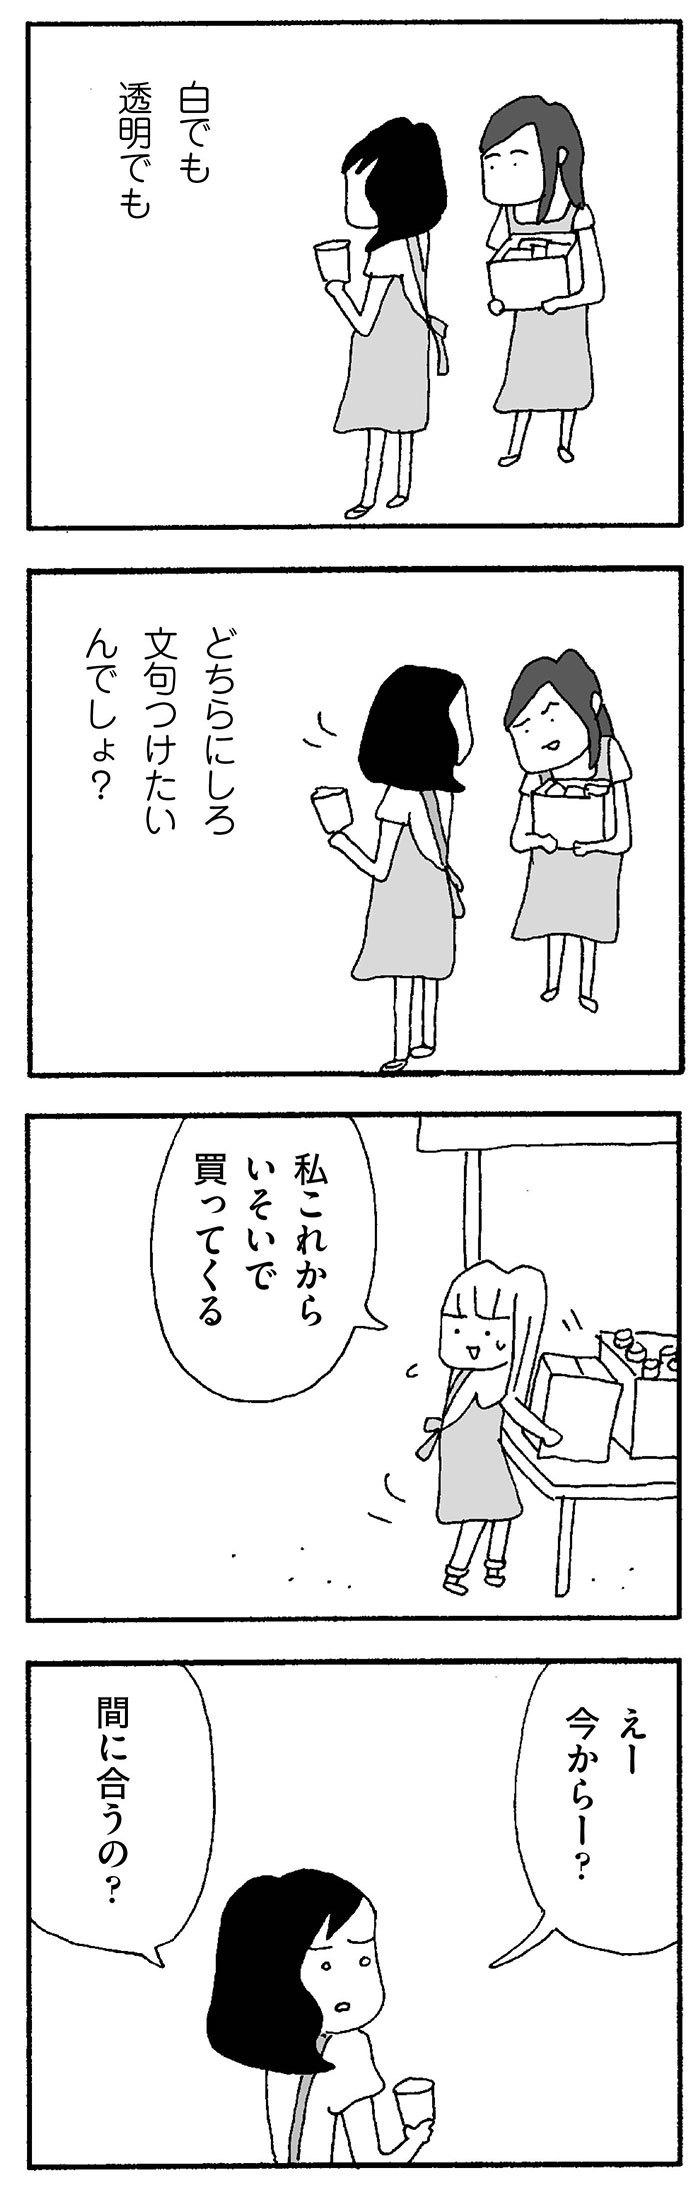 【連載】ママ友がこわい 第4話 「どうして嫌われちゃったんだろう・・・」の画像12